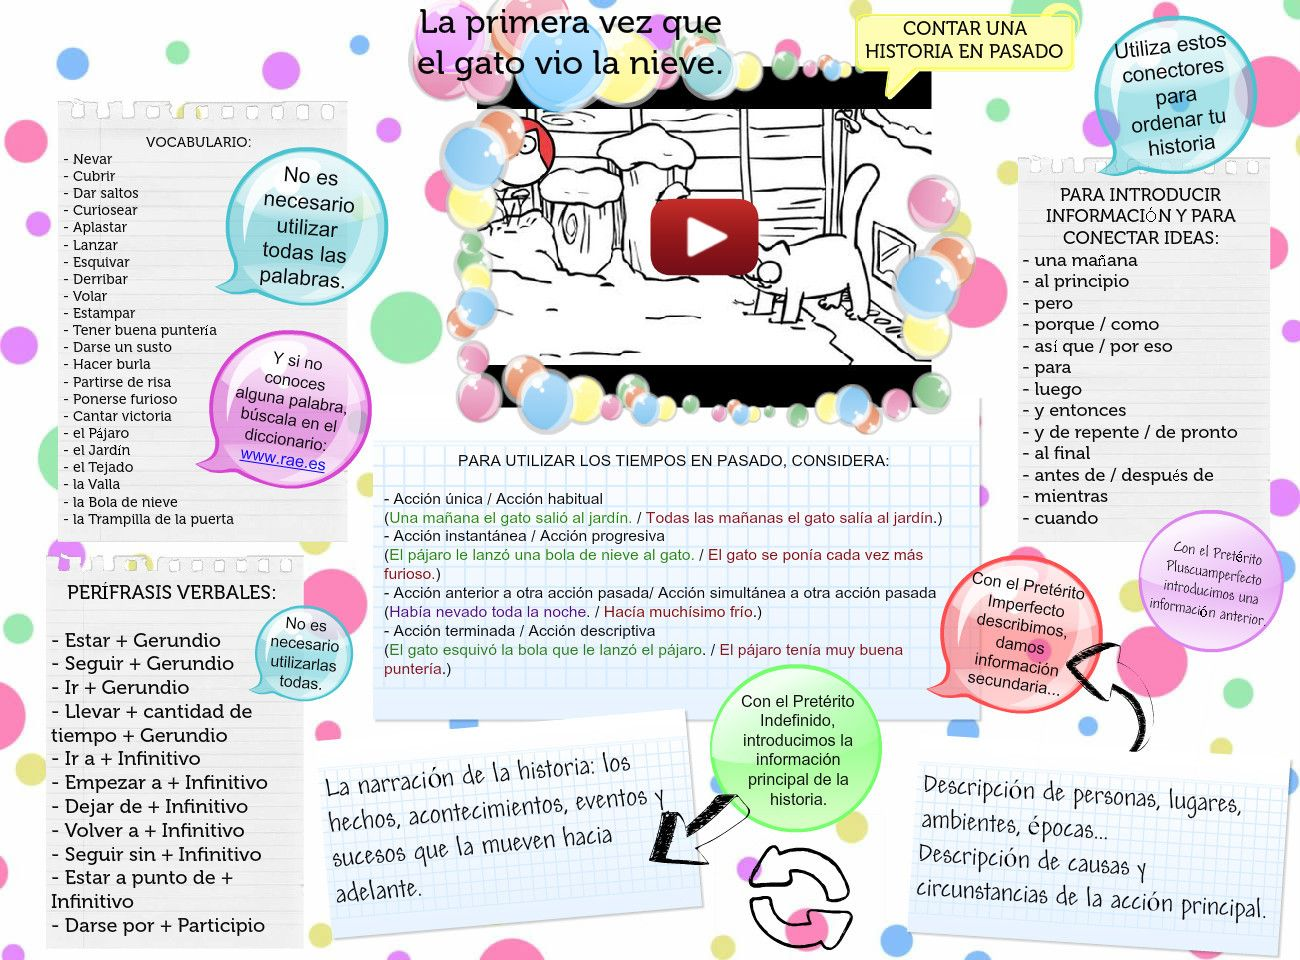 B1/C2 - Para contar historias en español. Tiempos del pasado, perífrasis verbales y conectores para ordenar el discurso.